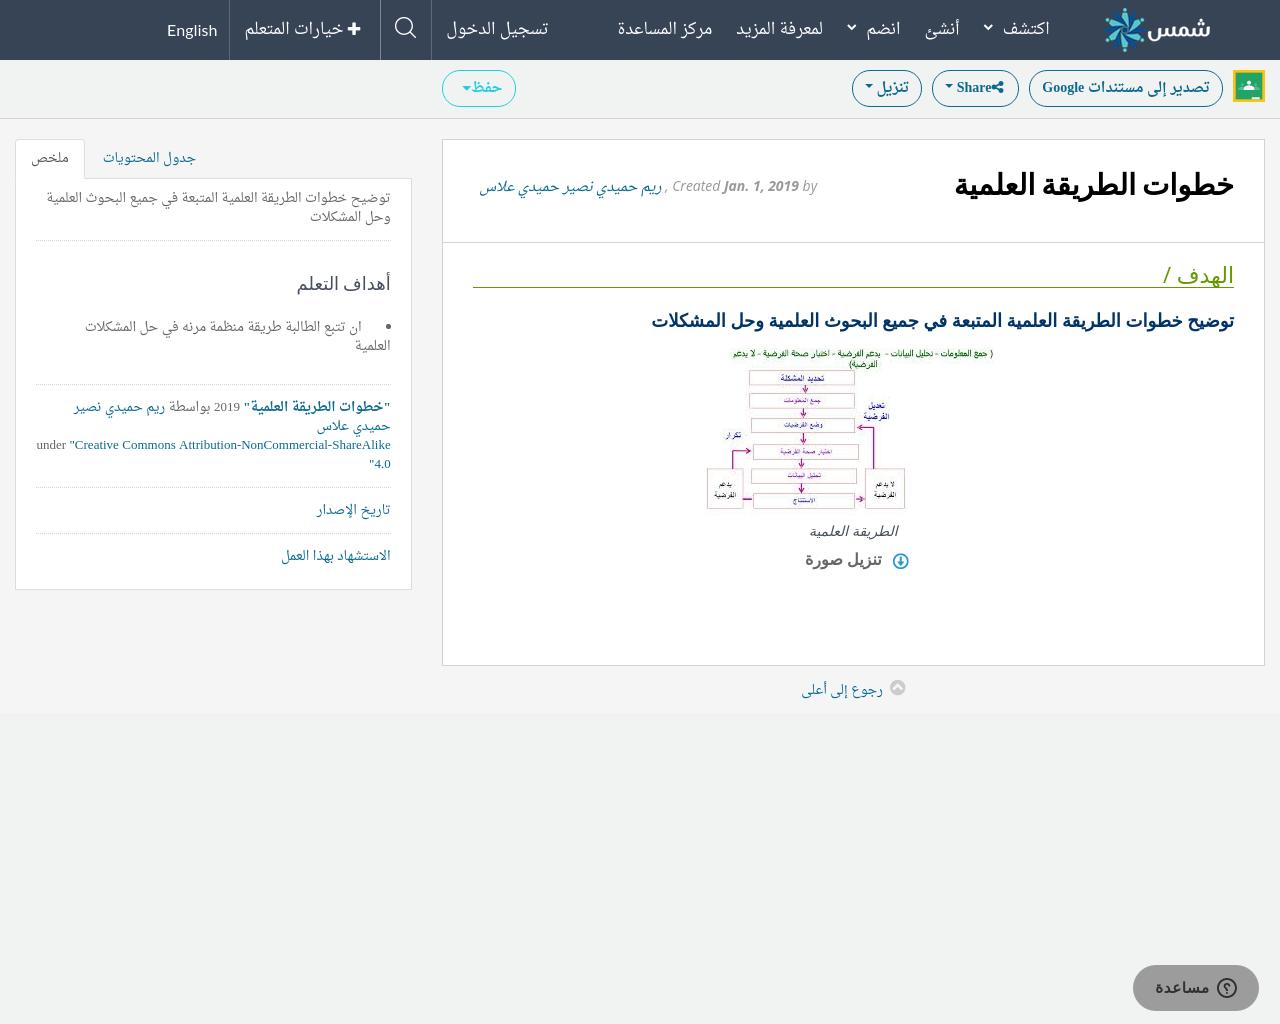 خطوات الطريقة العلمية Shms Saudi Oer Network